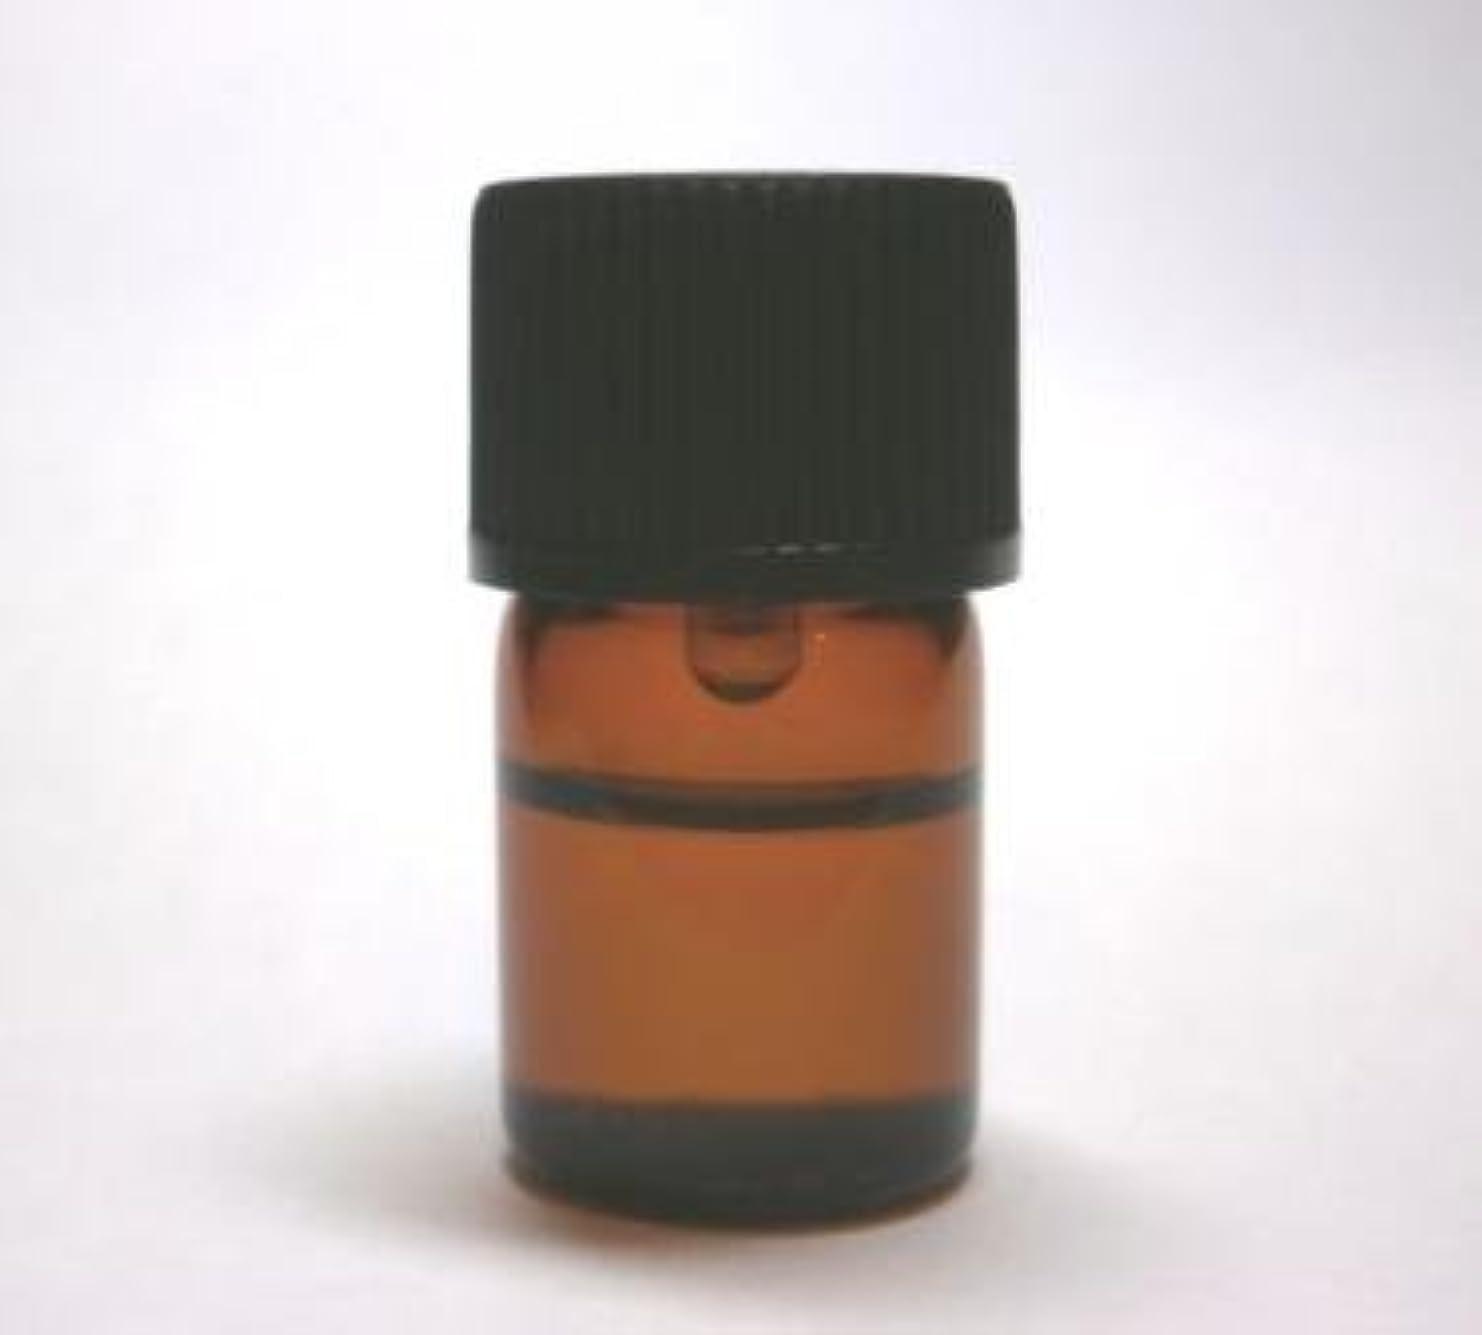 そこ眠るメダルローズabsアブソリュート100%:3ml /ローズエッセンシャルオイル/ローズ精油/ローズオイル